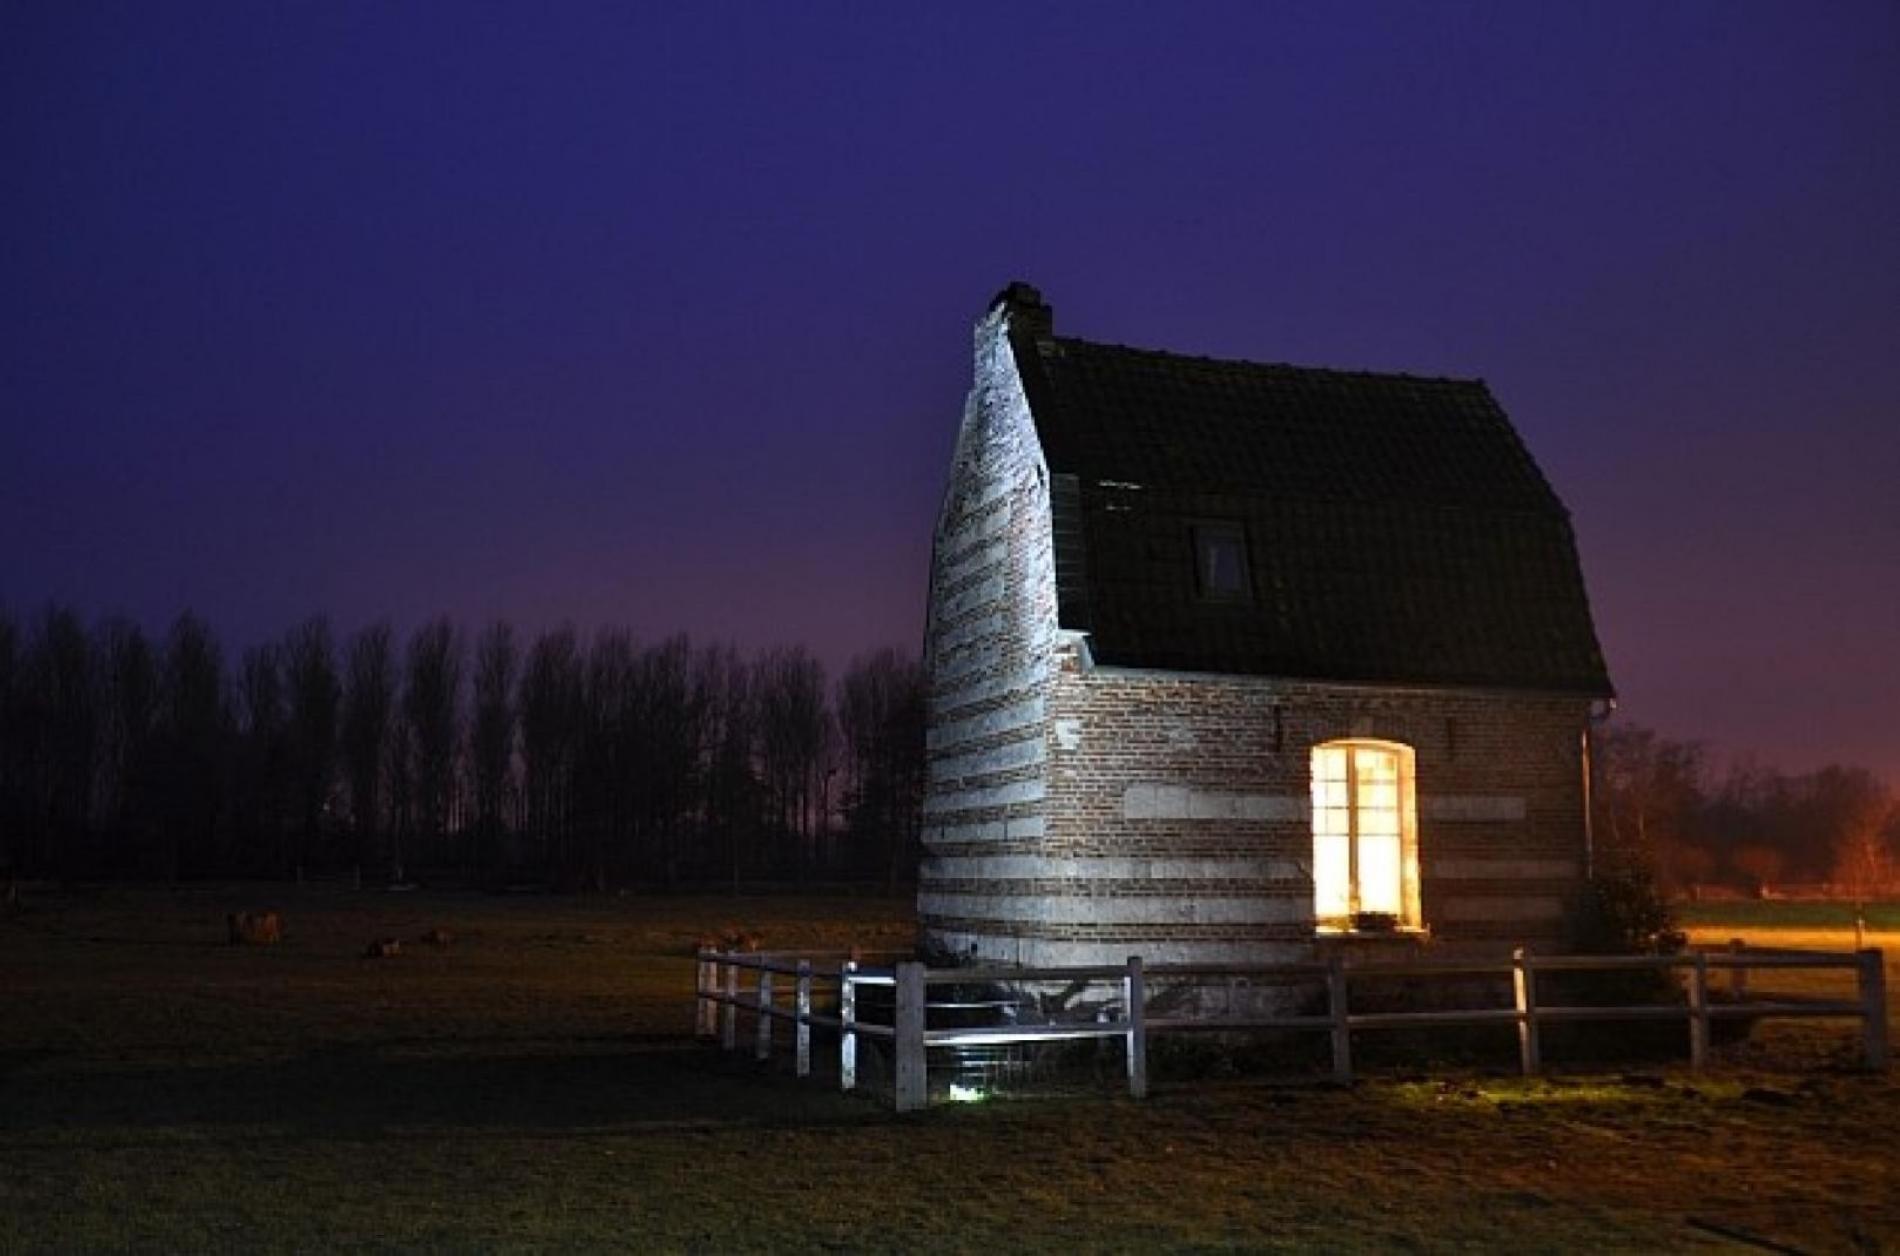 la petite maison de campagne lOVE